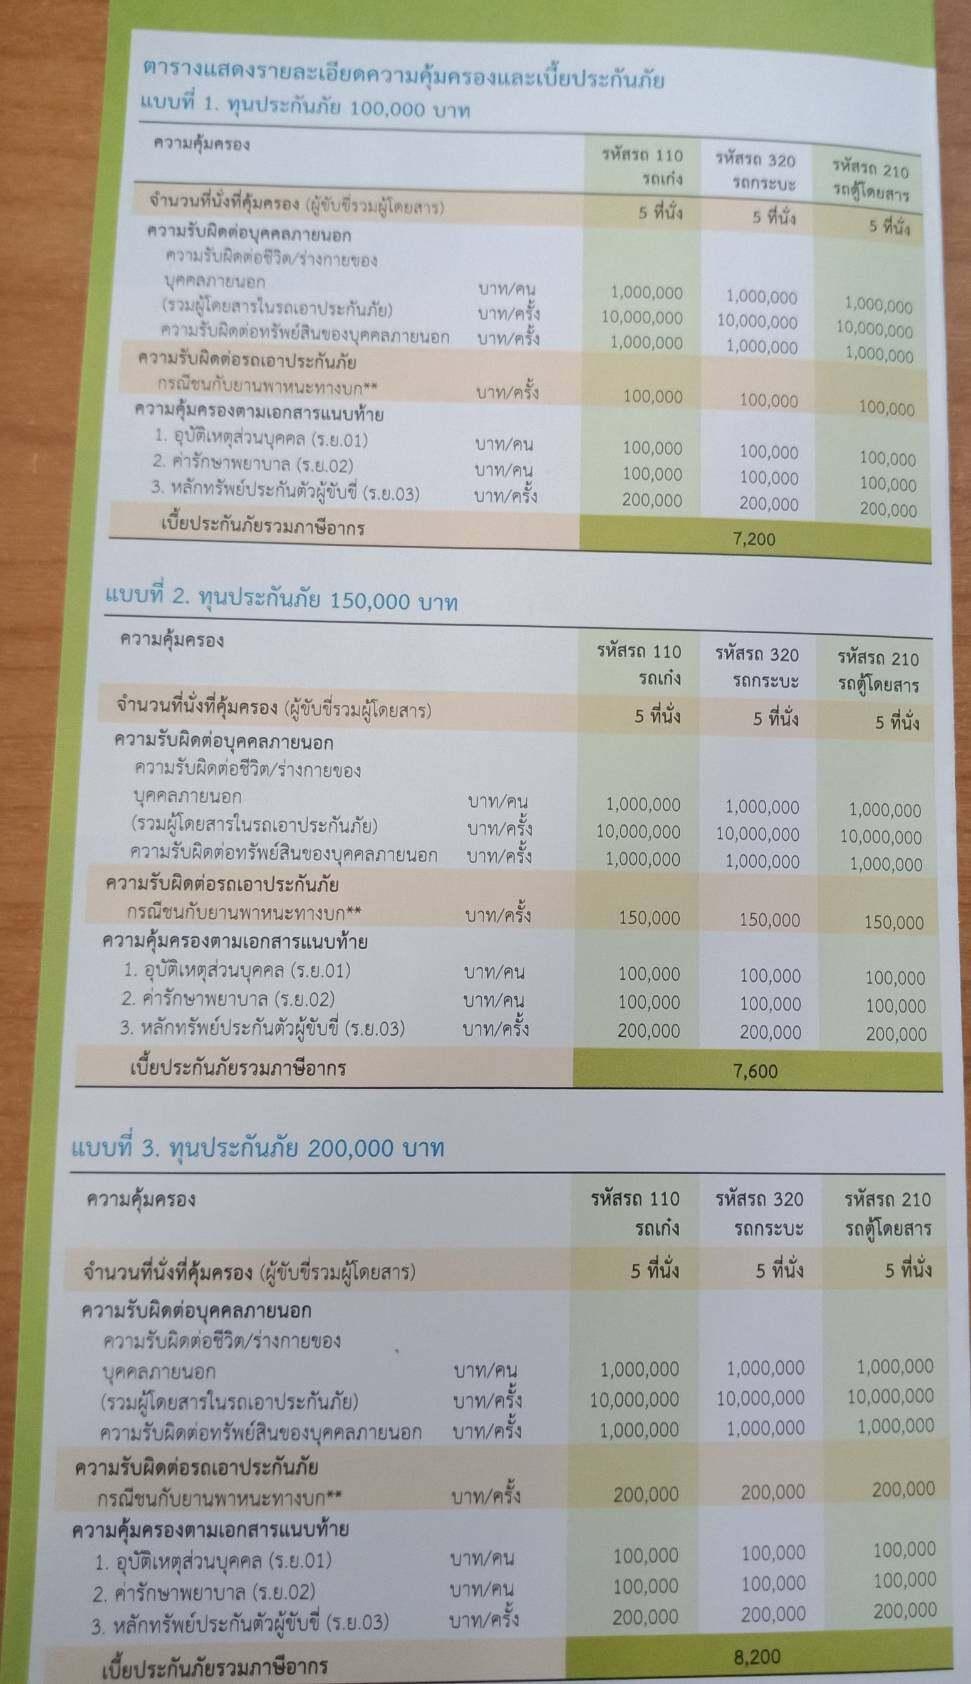 ประกันภัย ประกันภัยรถยนต์ เมืองไทยประเภท 3+พลัส (รถเก๋ง กระบะ รถตู้ ส่วนบุคคล) ทุนประกัน 100,000 เบี้ยถูก คุ้มครองจริง 1 ปี